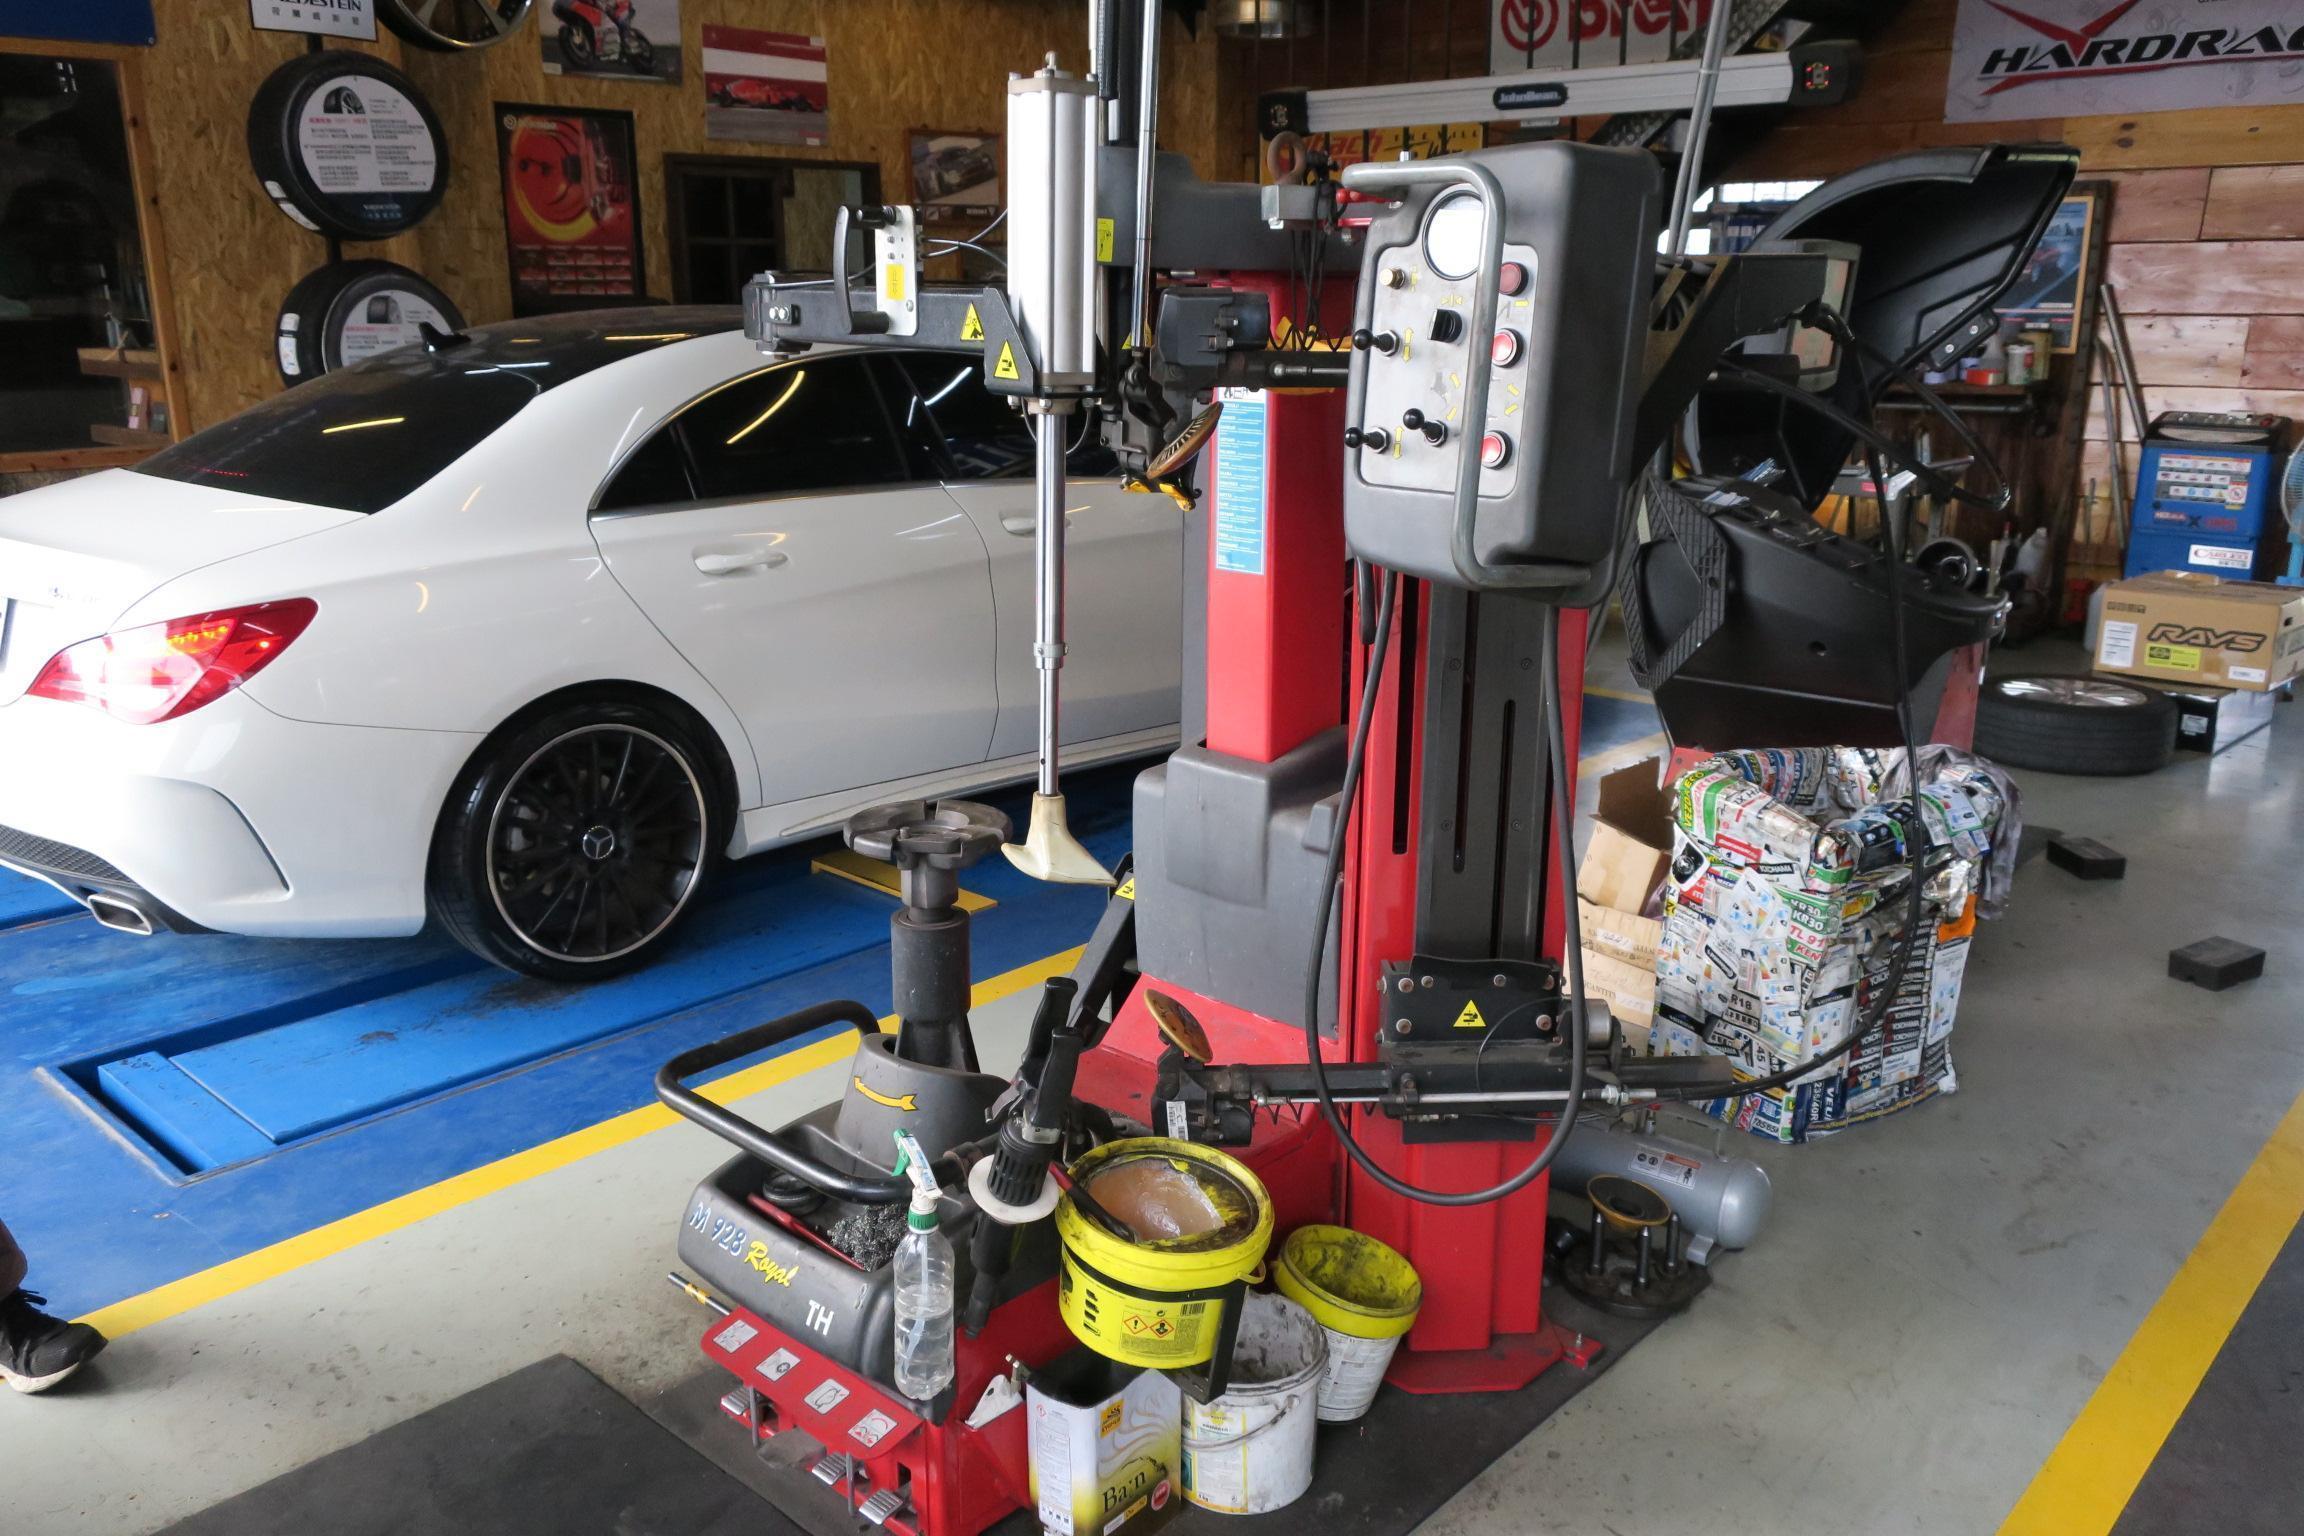 進發柏仕車業廠內左測備有全載升降台,用於四輪定位及底盤調教工程專用。